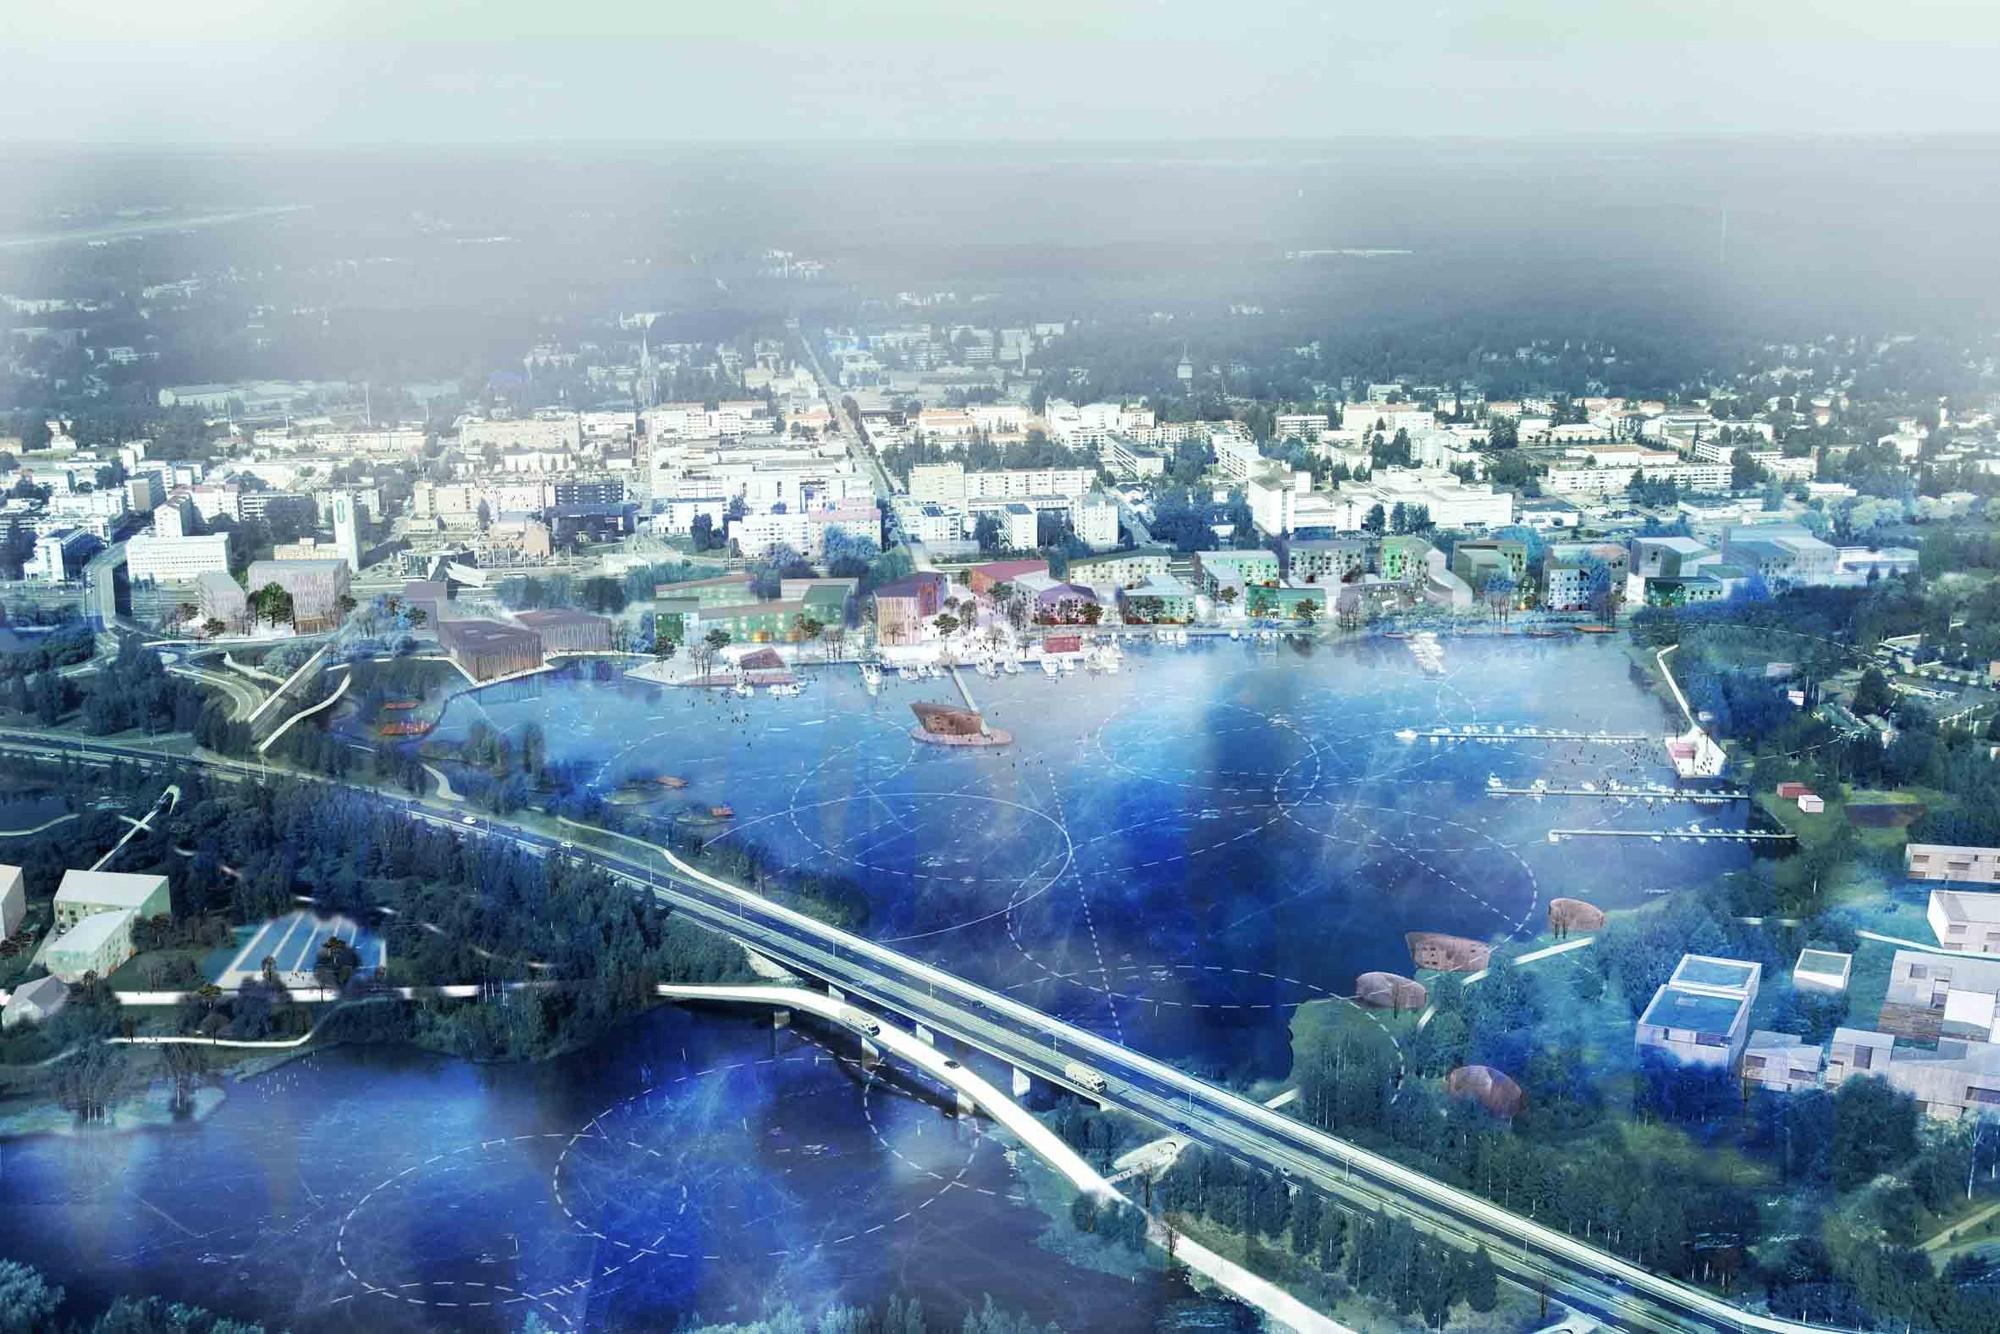 'Resilient Mikkeli' Third Prize Winning Proposal / Mandaworks + Hosper Sweden, Courtesy of Mandaworks + Hosper Sweden